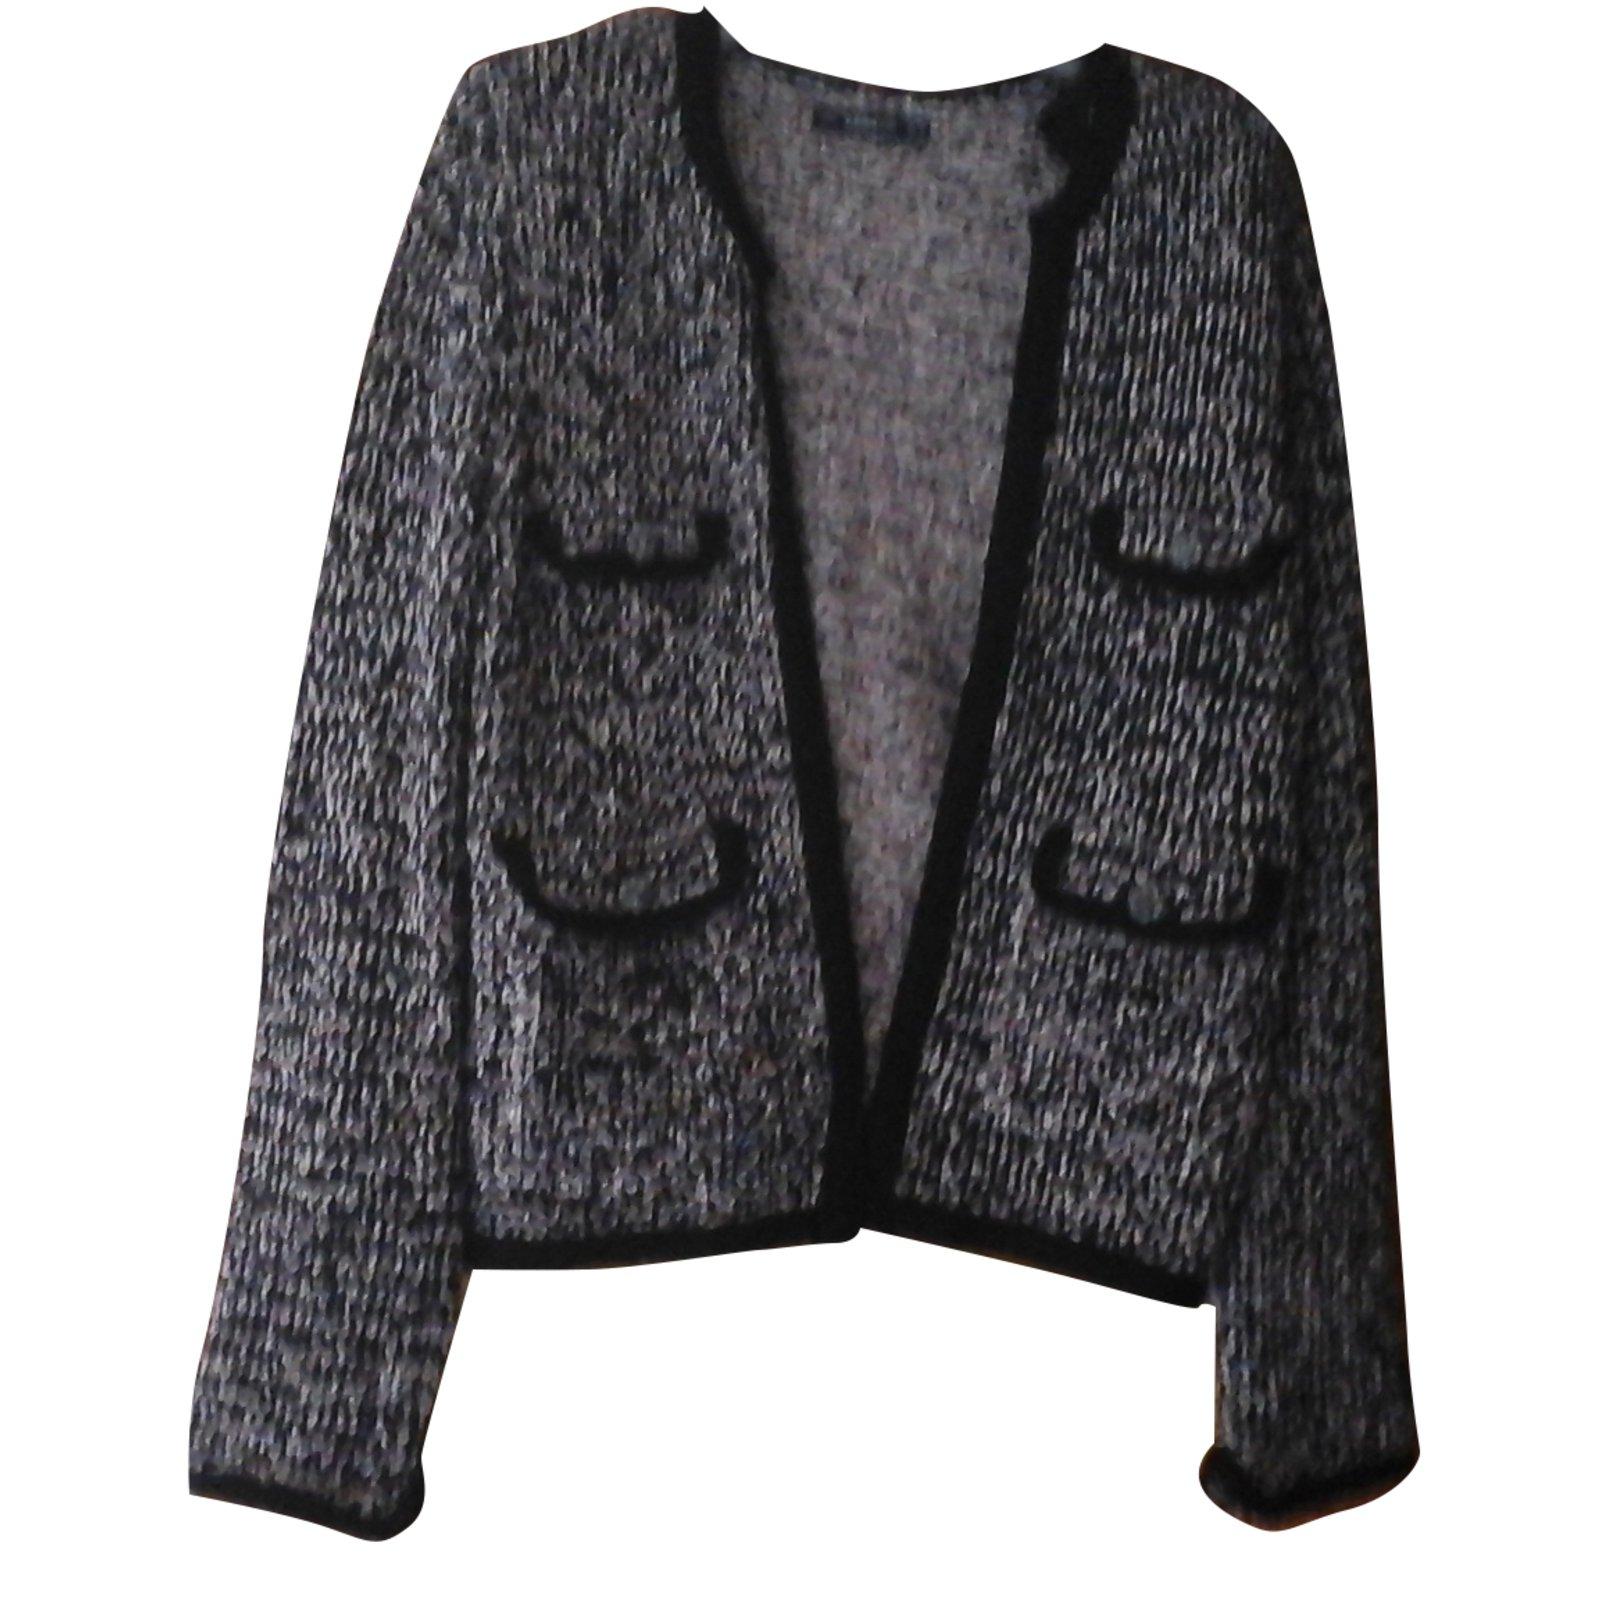 Vestes Zara Petite veste courte Zara Tweed blanc noir style Chanel  Synthétique Autre ref.33513 c9a6f9a8062a